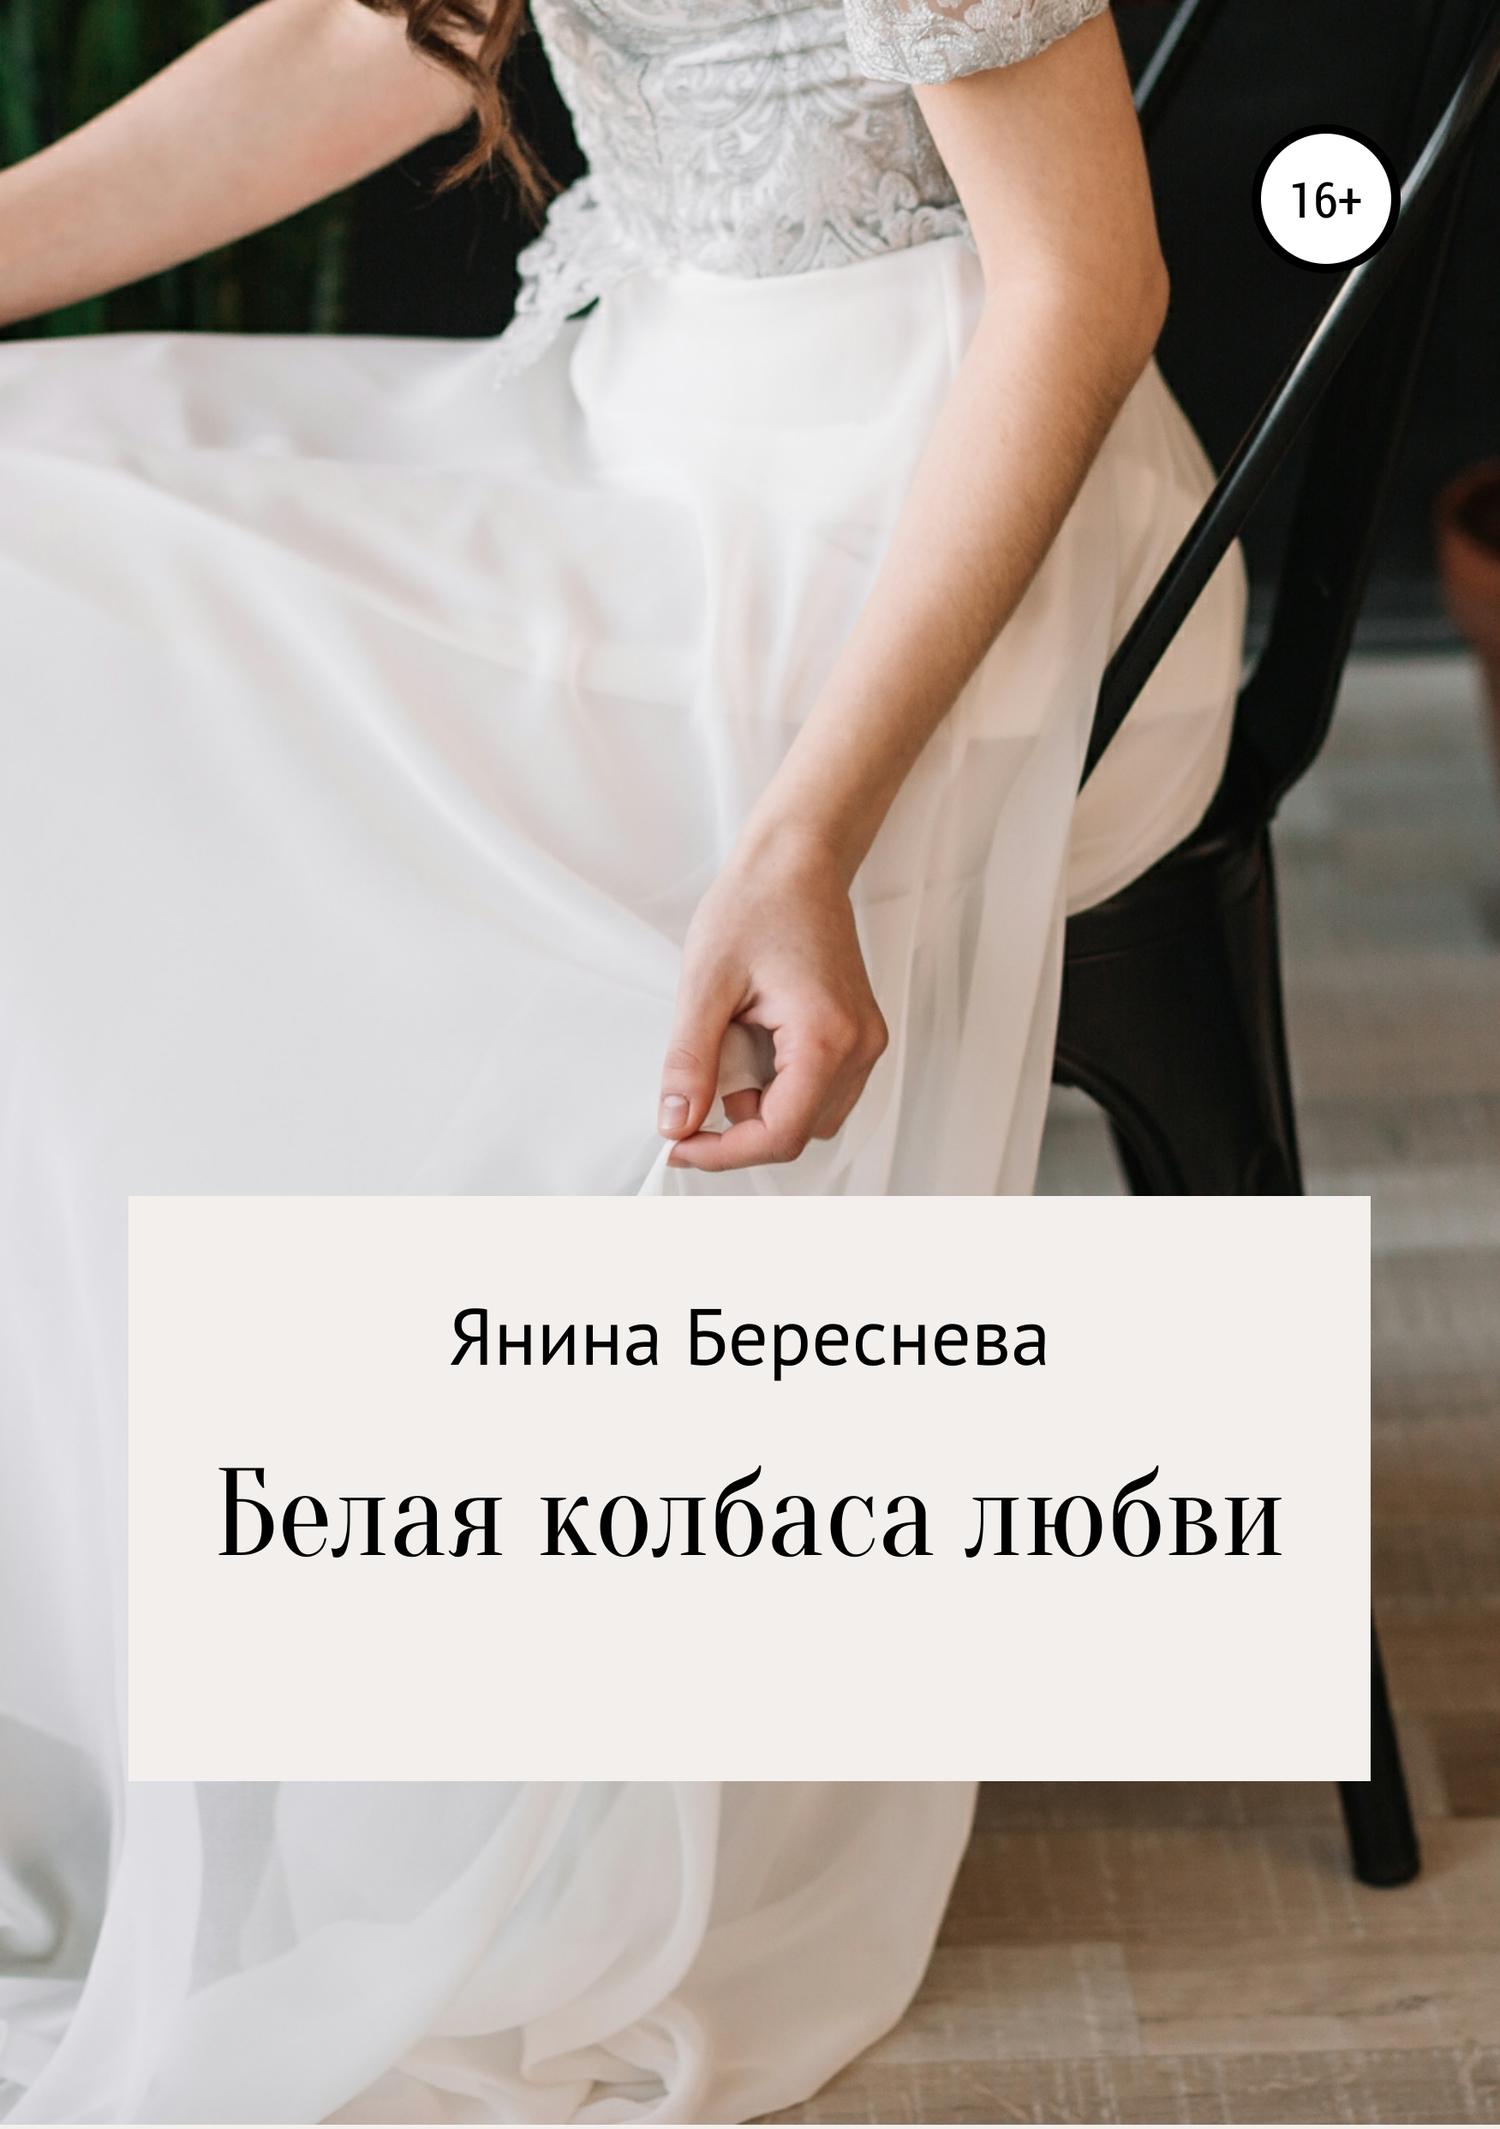 Янина Береснева - Белая колбаса любви